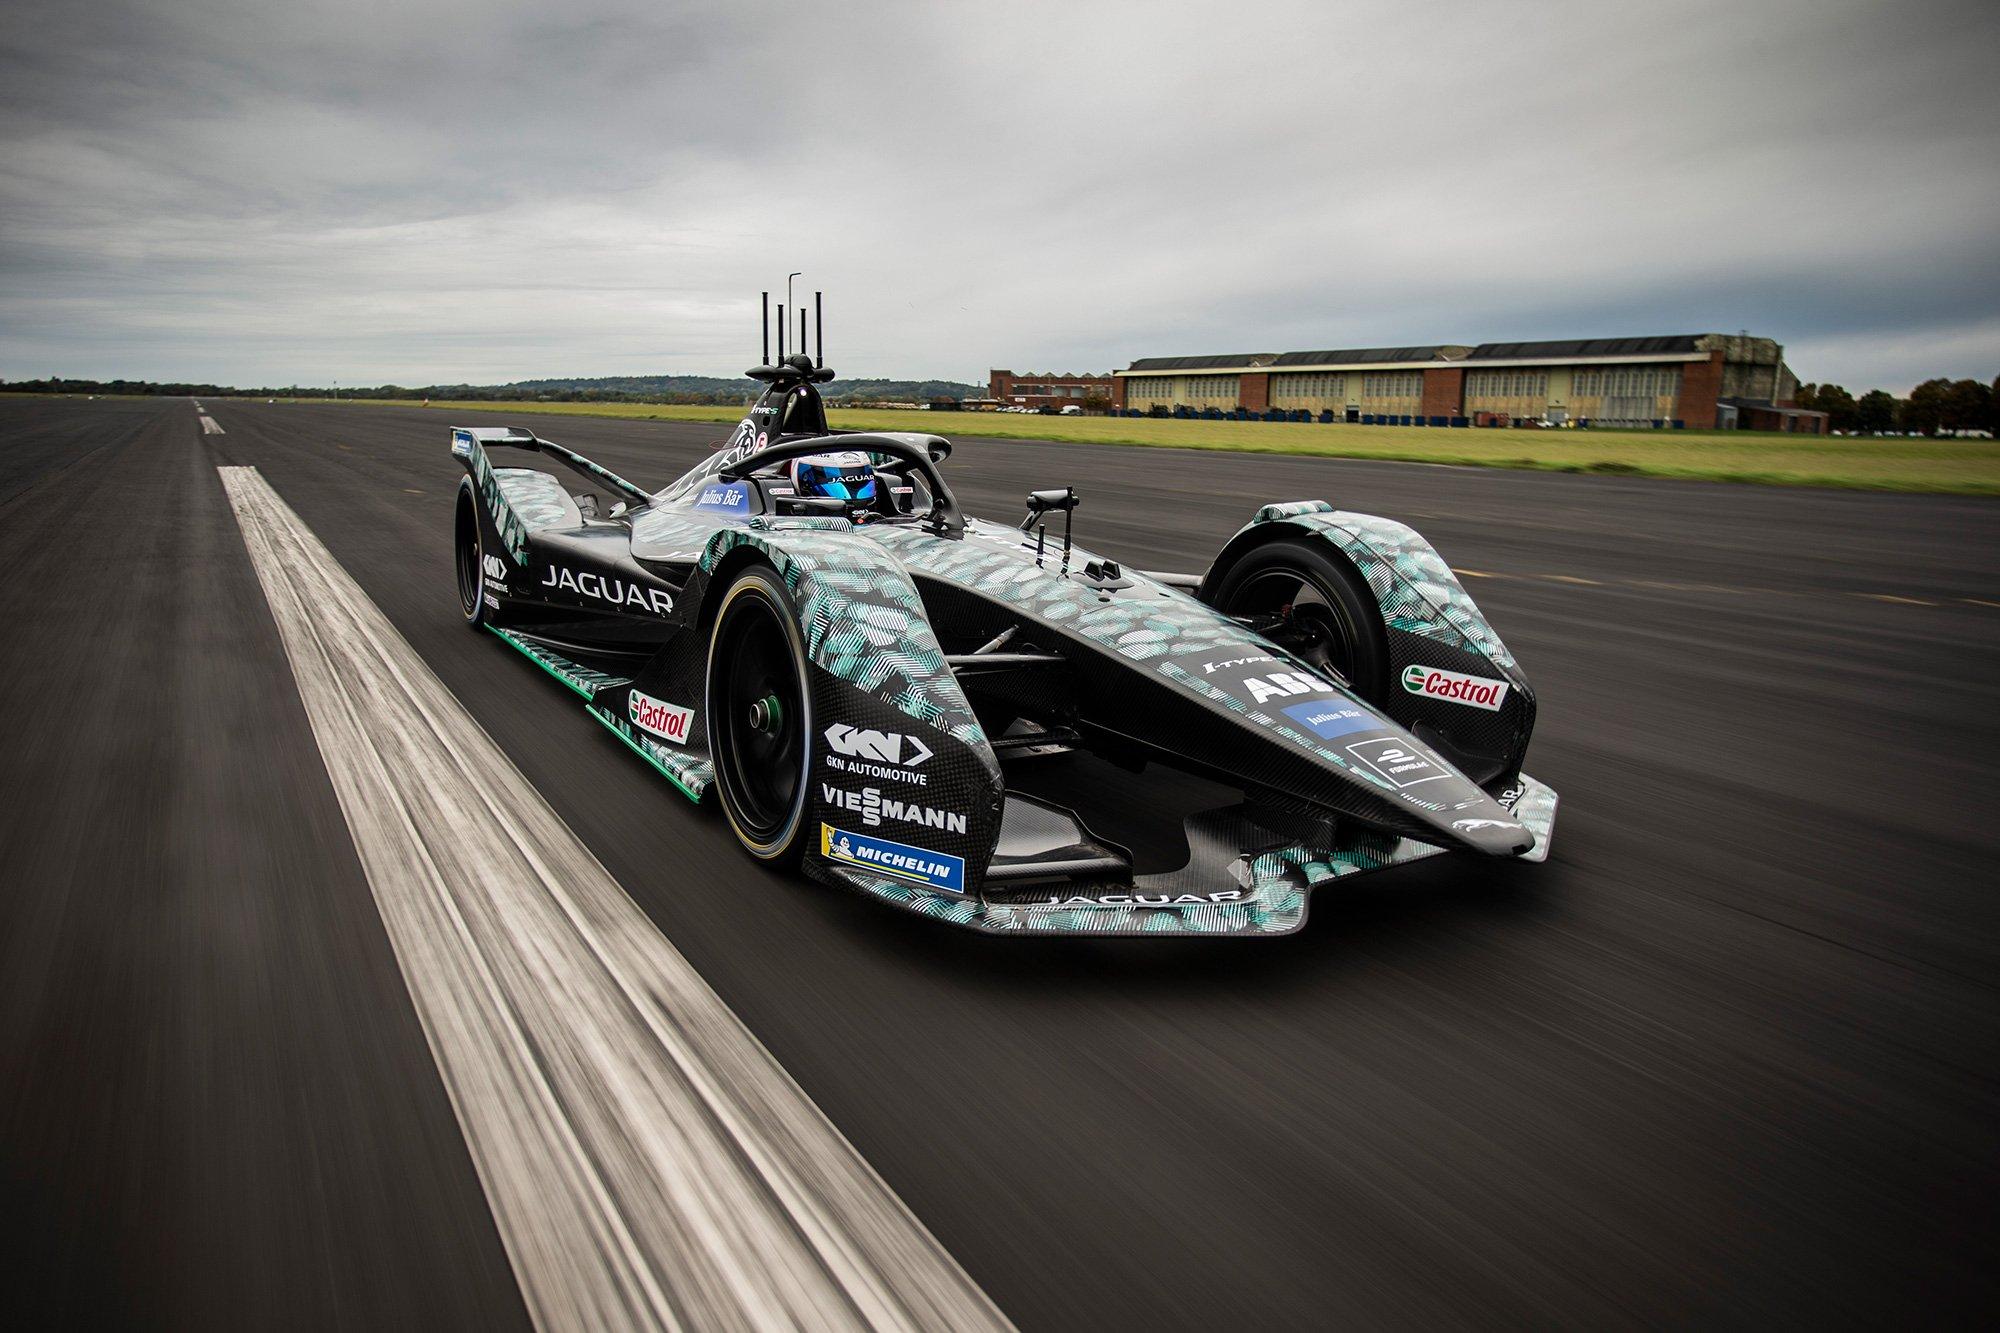 GKN Automotive Jaguar Racing